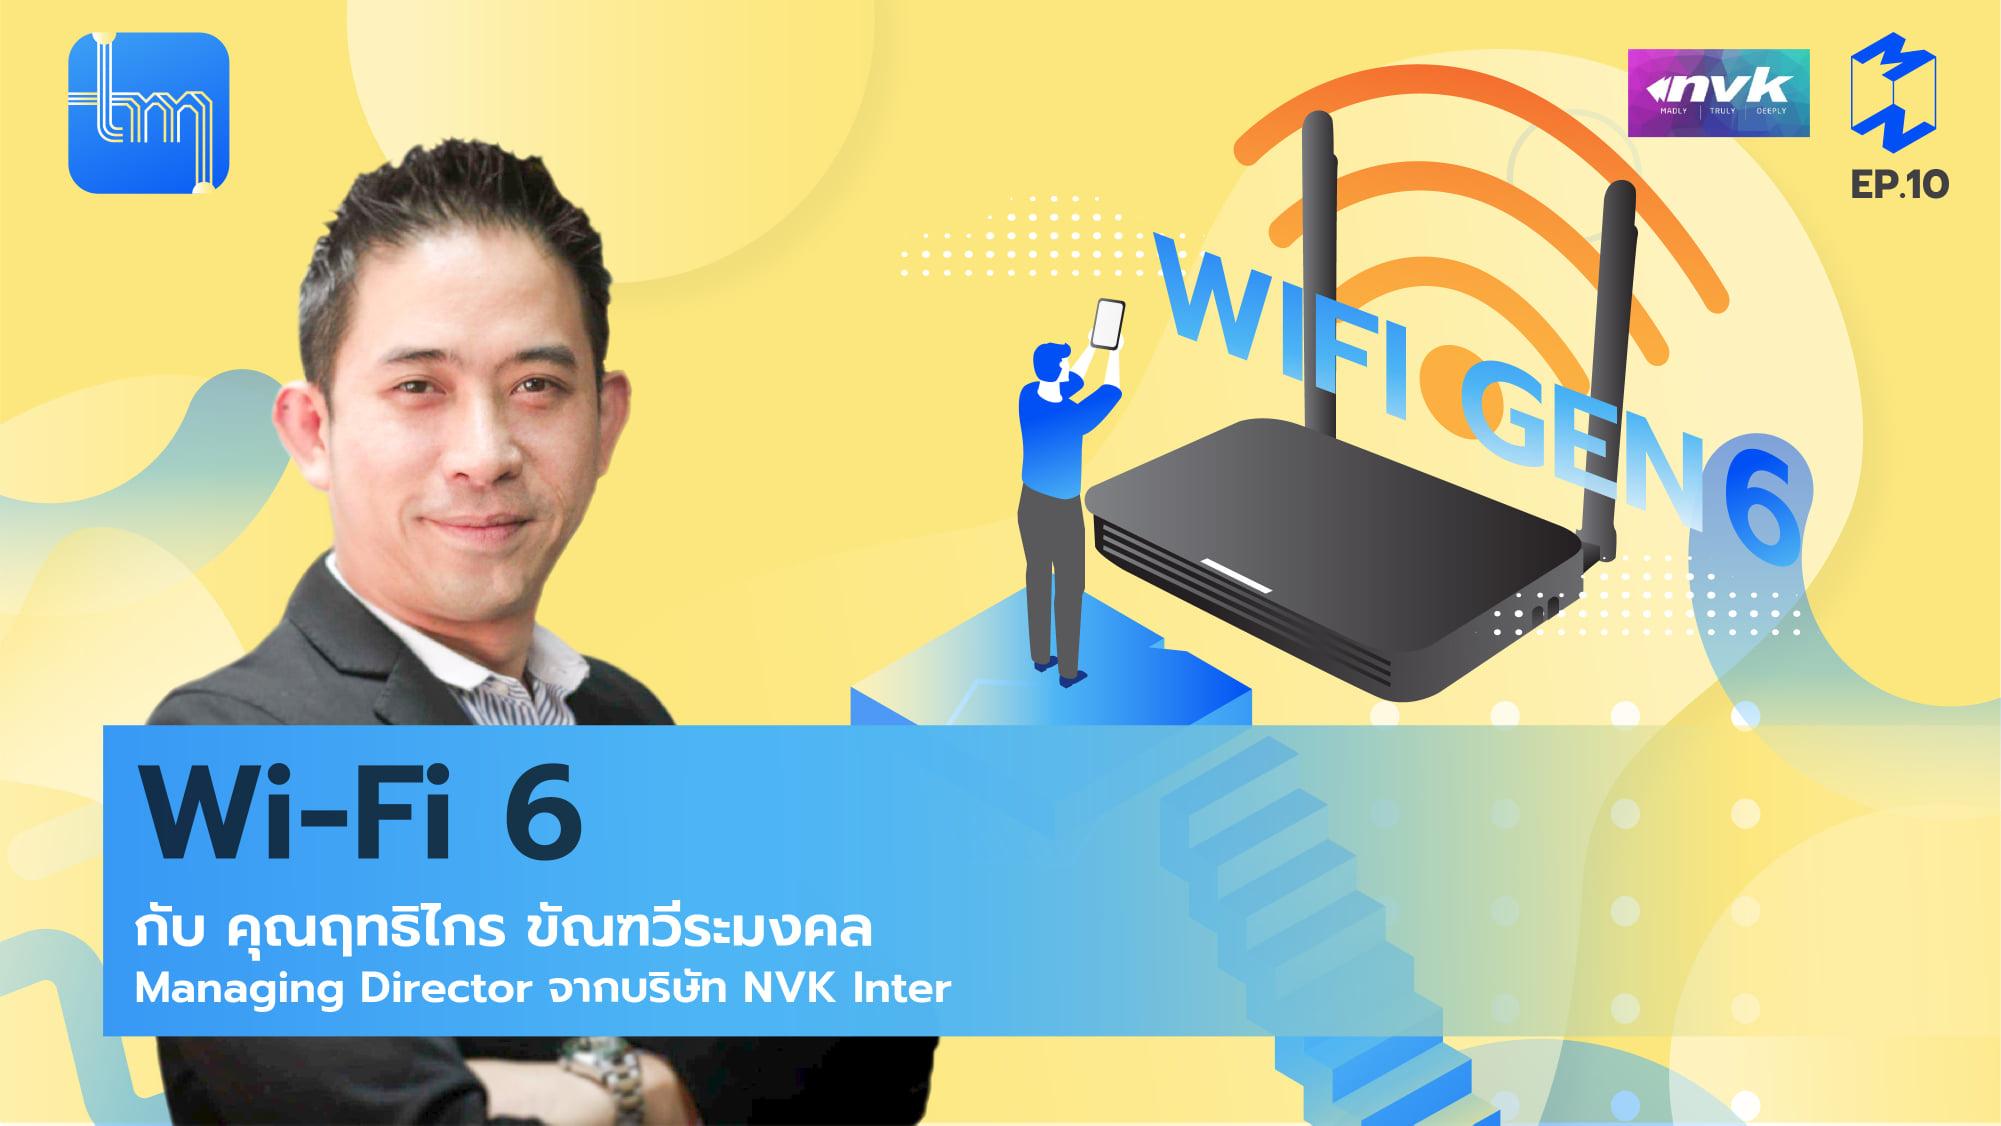 รู้จัก Wi-Fi 6 กับคุณฤทธิไกร ขัณฑะวีระมงคล Tech Monday EP.10